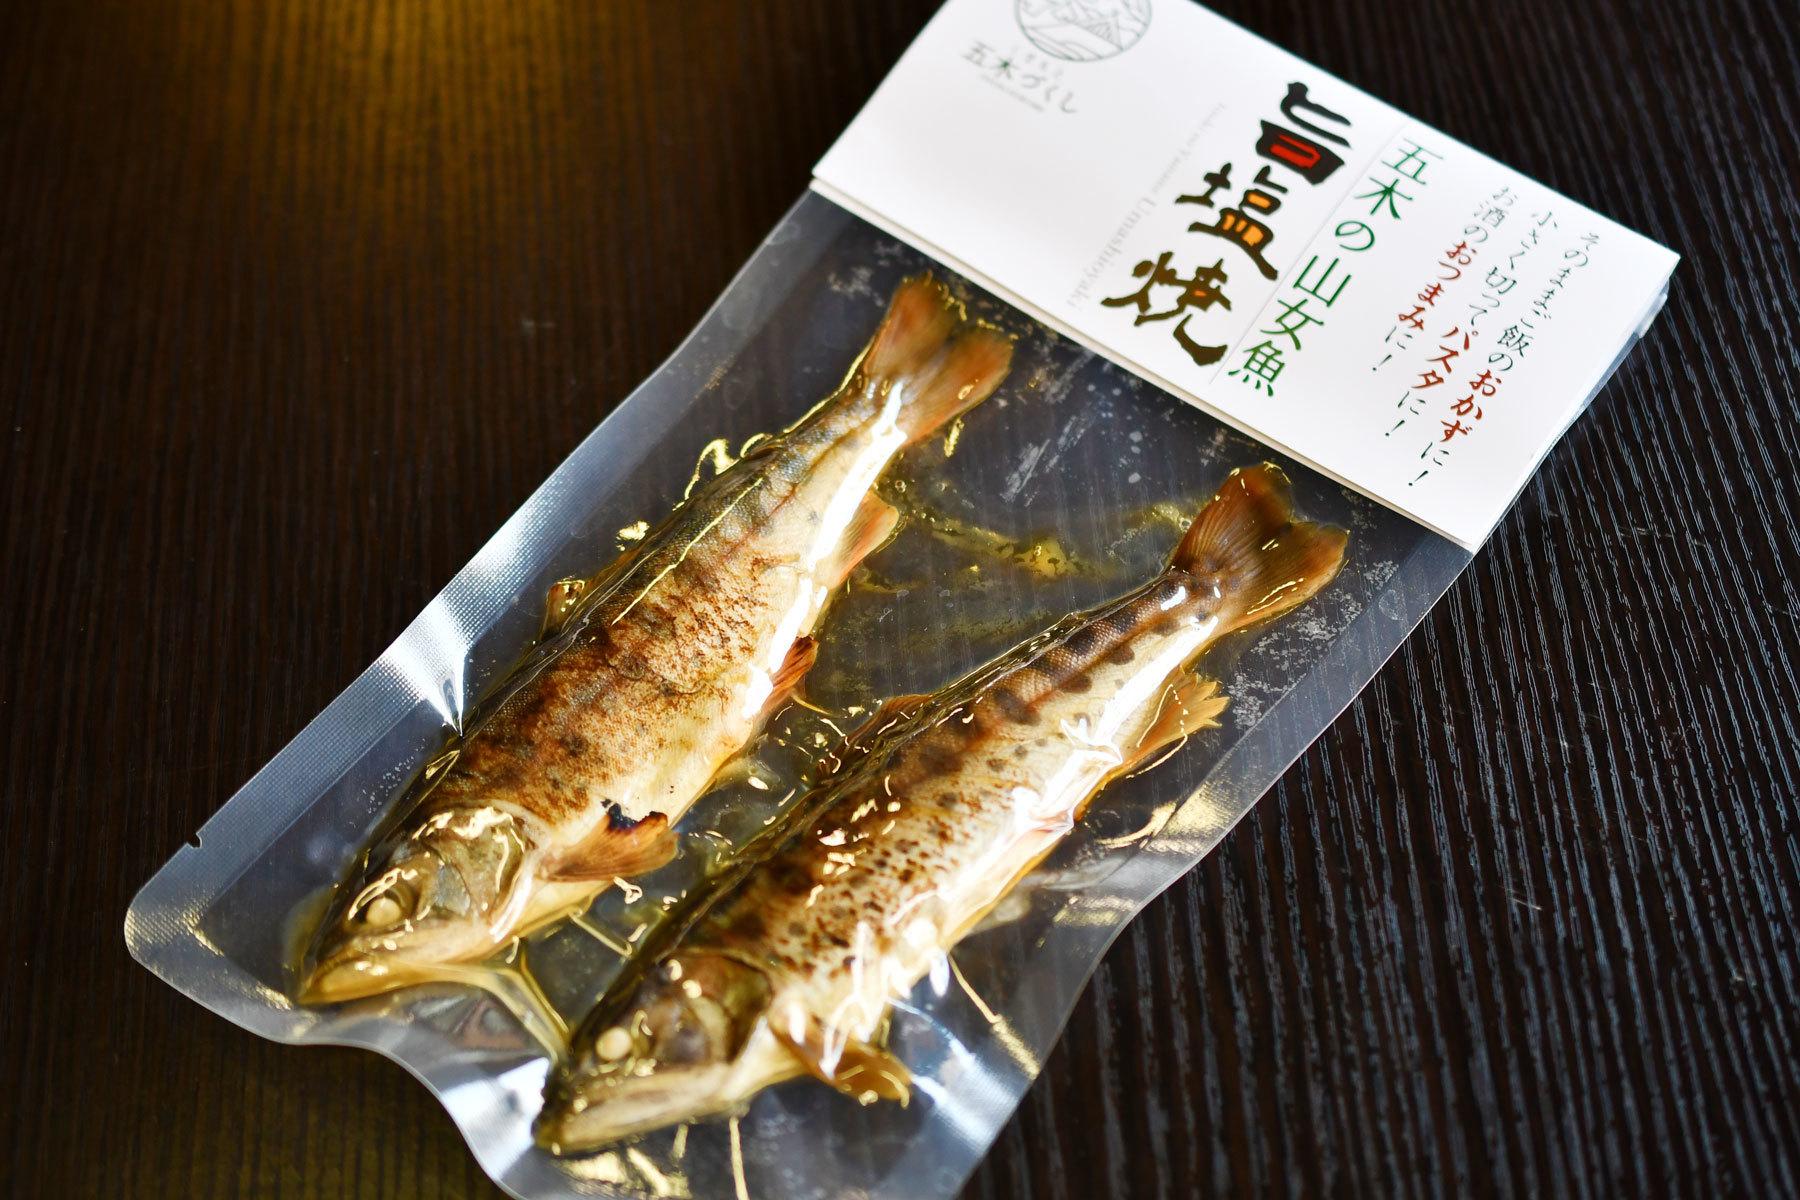 五木の山女魚 旨塩焼 - 画像1